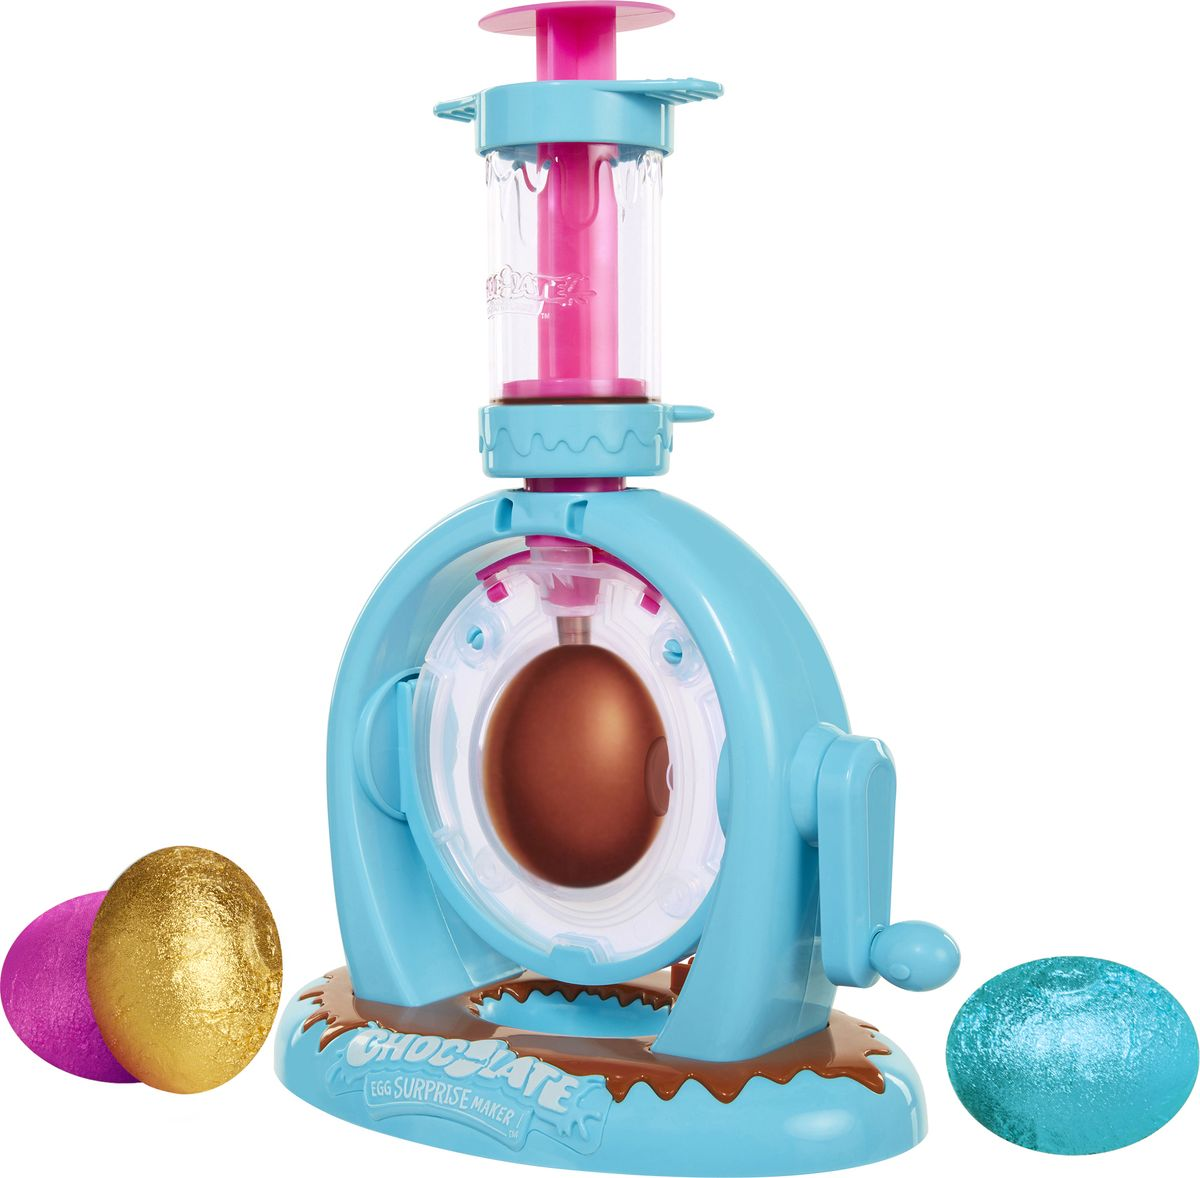 Chocolate Egg Surprise Maker Набор для изготовления шоколадного яйца с сюрпризом